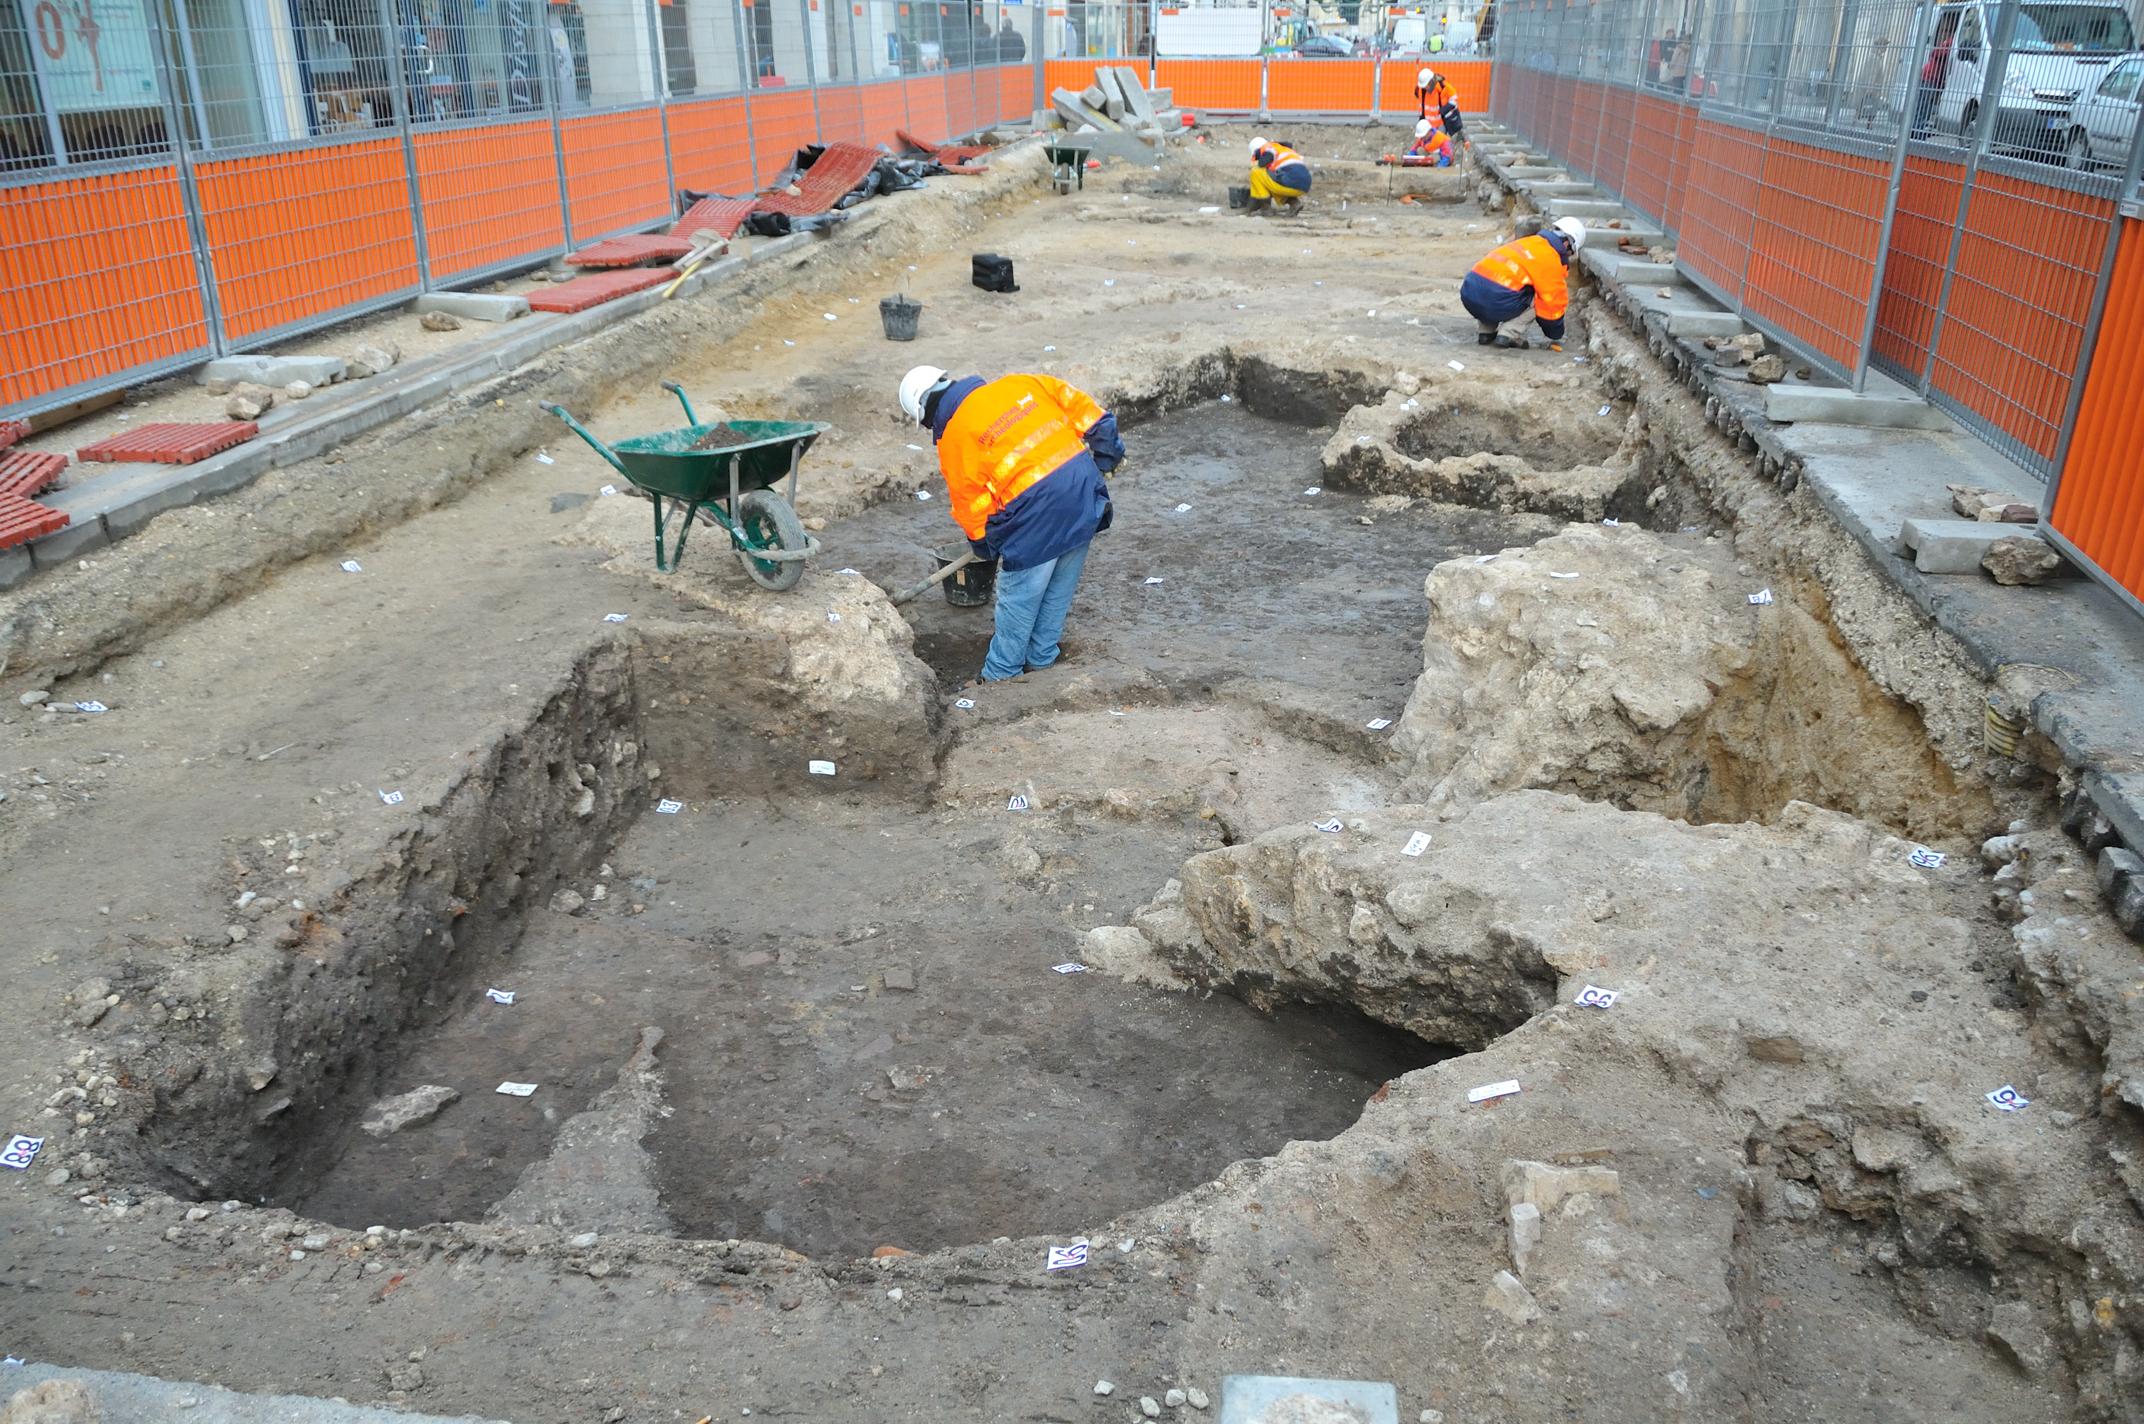 Fouilles archéologiques rue Jeanne d'Arc à Orléans en 2009 - CC BY-SA 3.0 Croquant